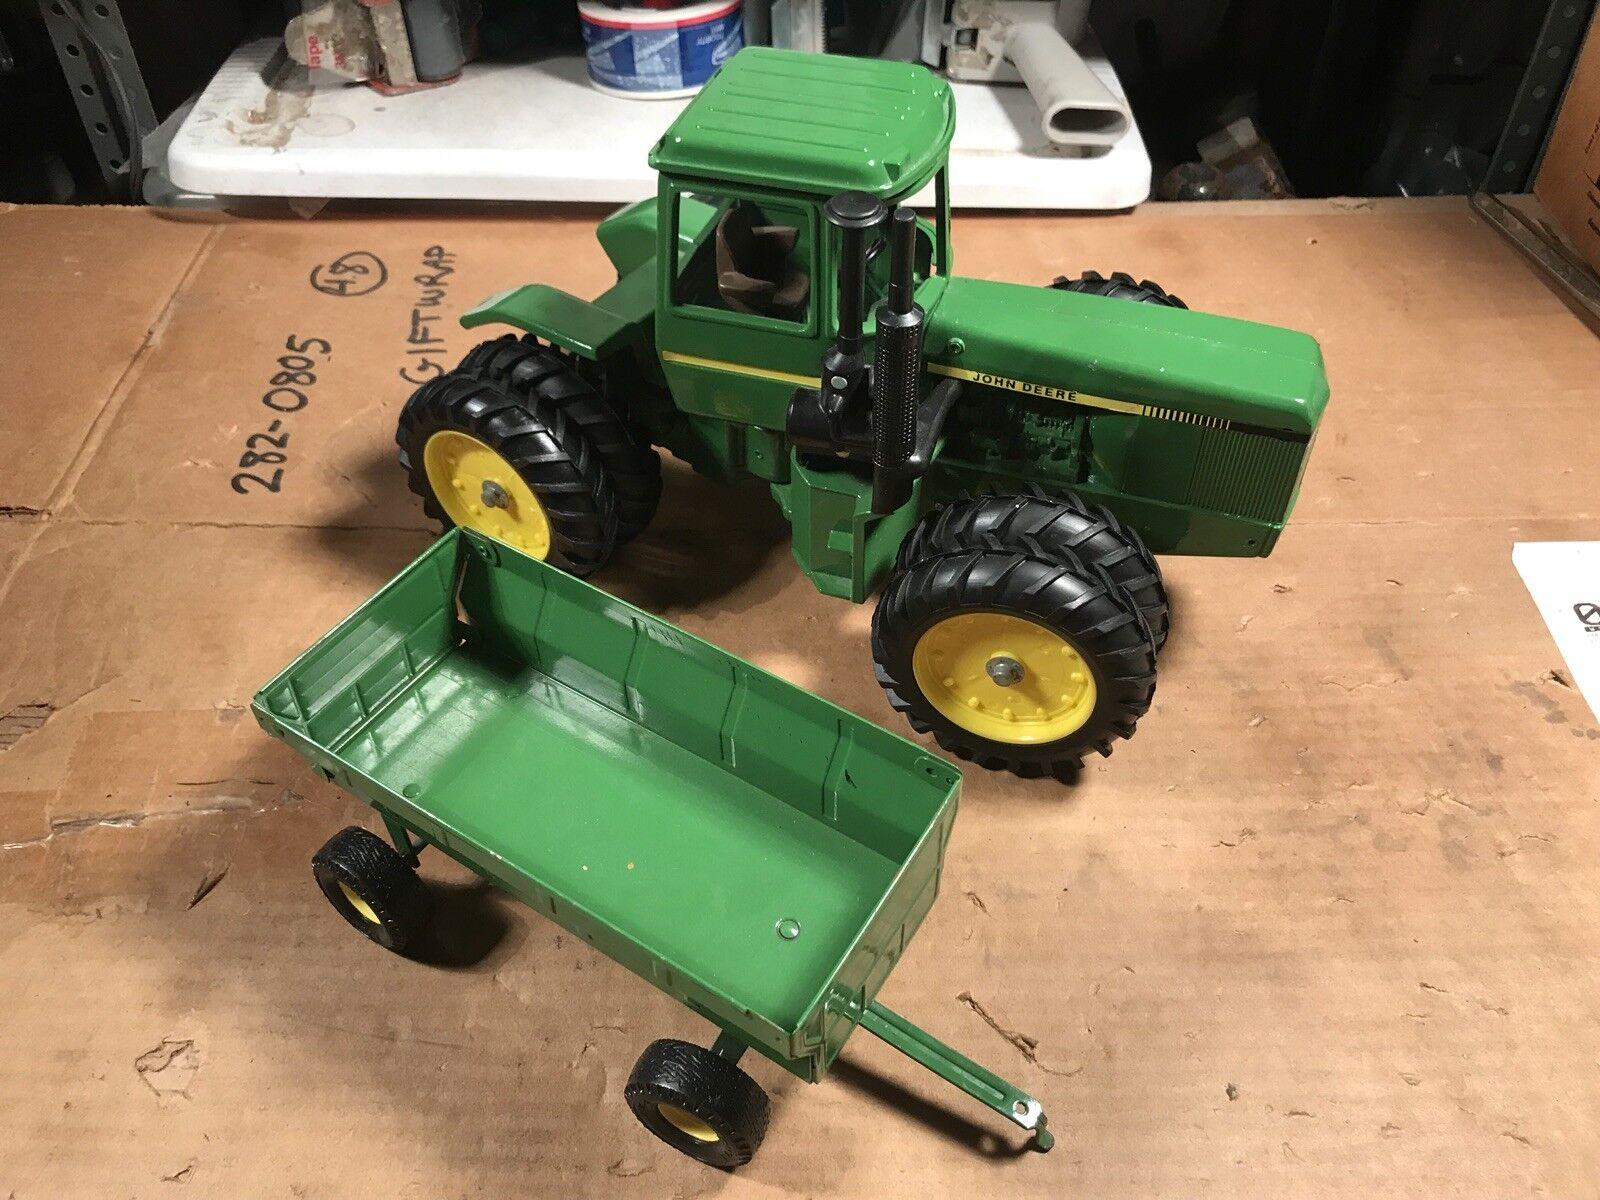 John Deere Ertl Juguete Tractor doblemente con remolque suavemente utilizado Muy Buen Estado